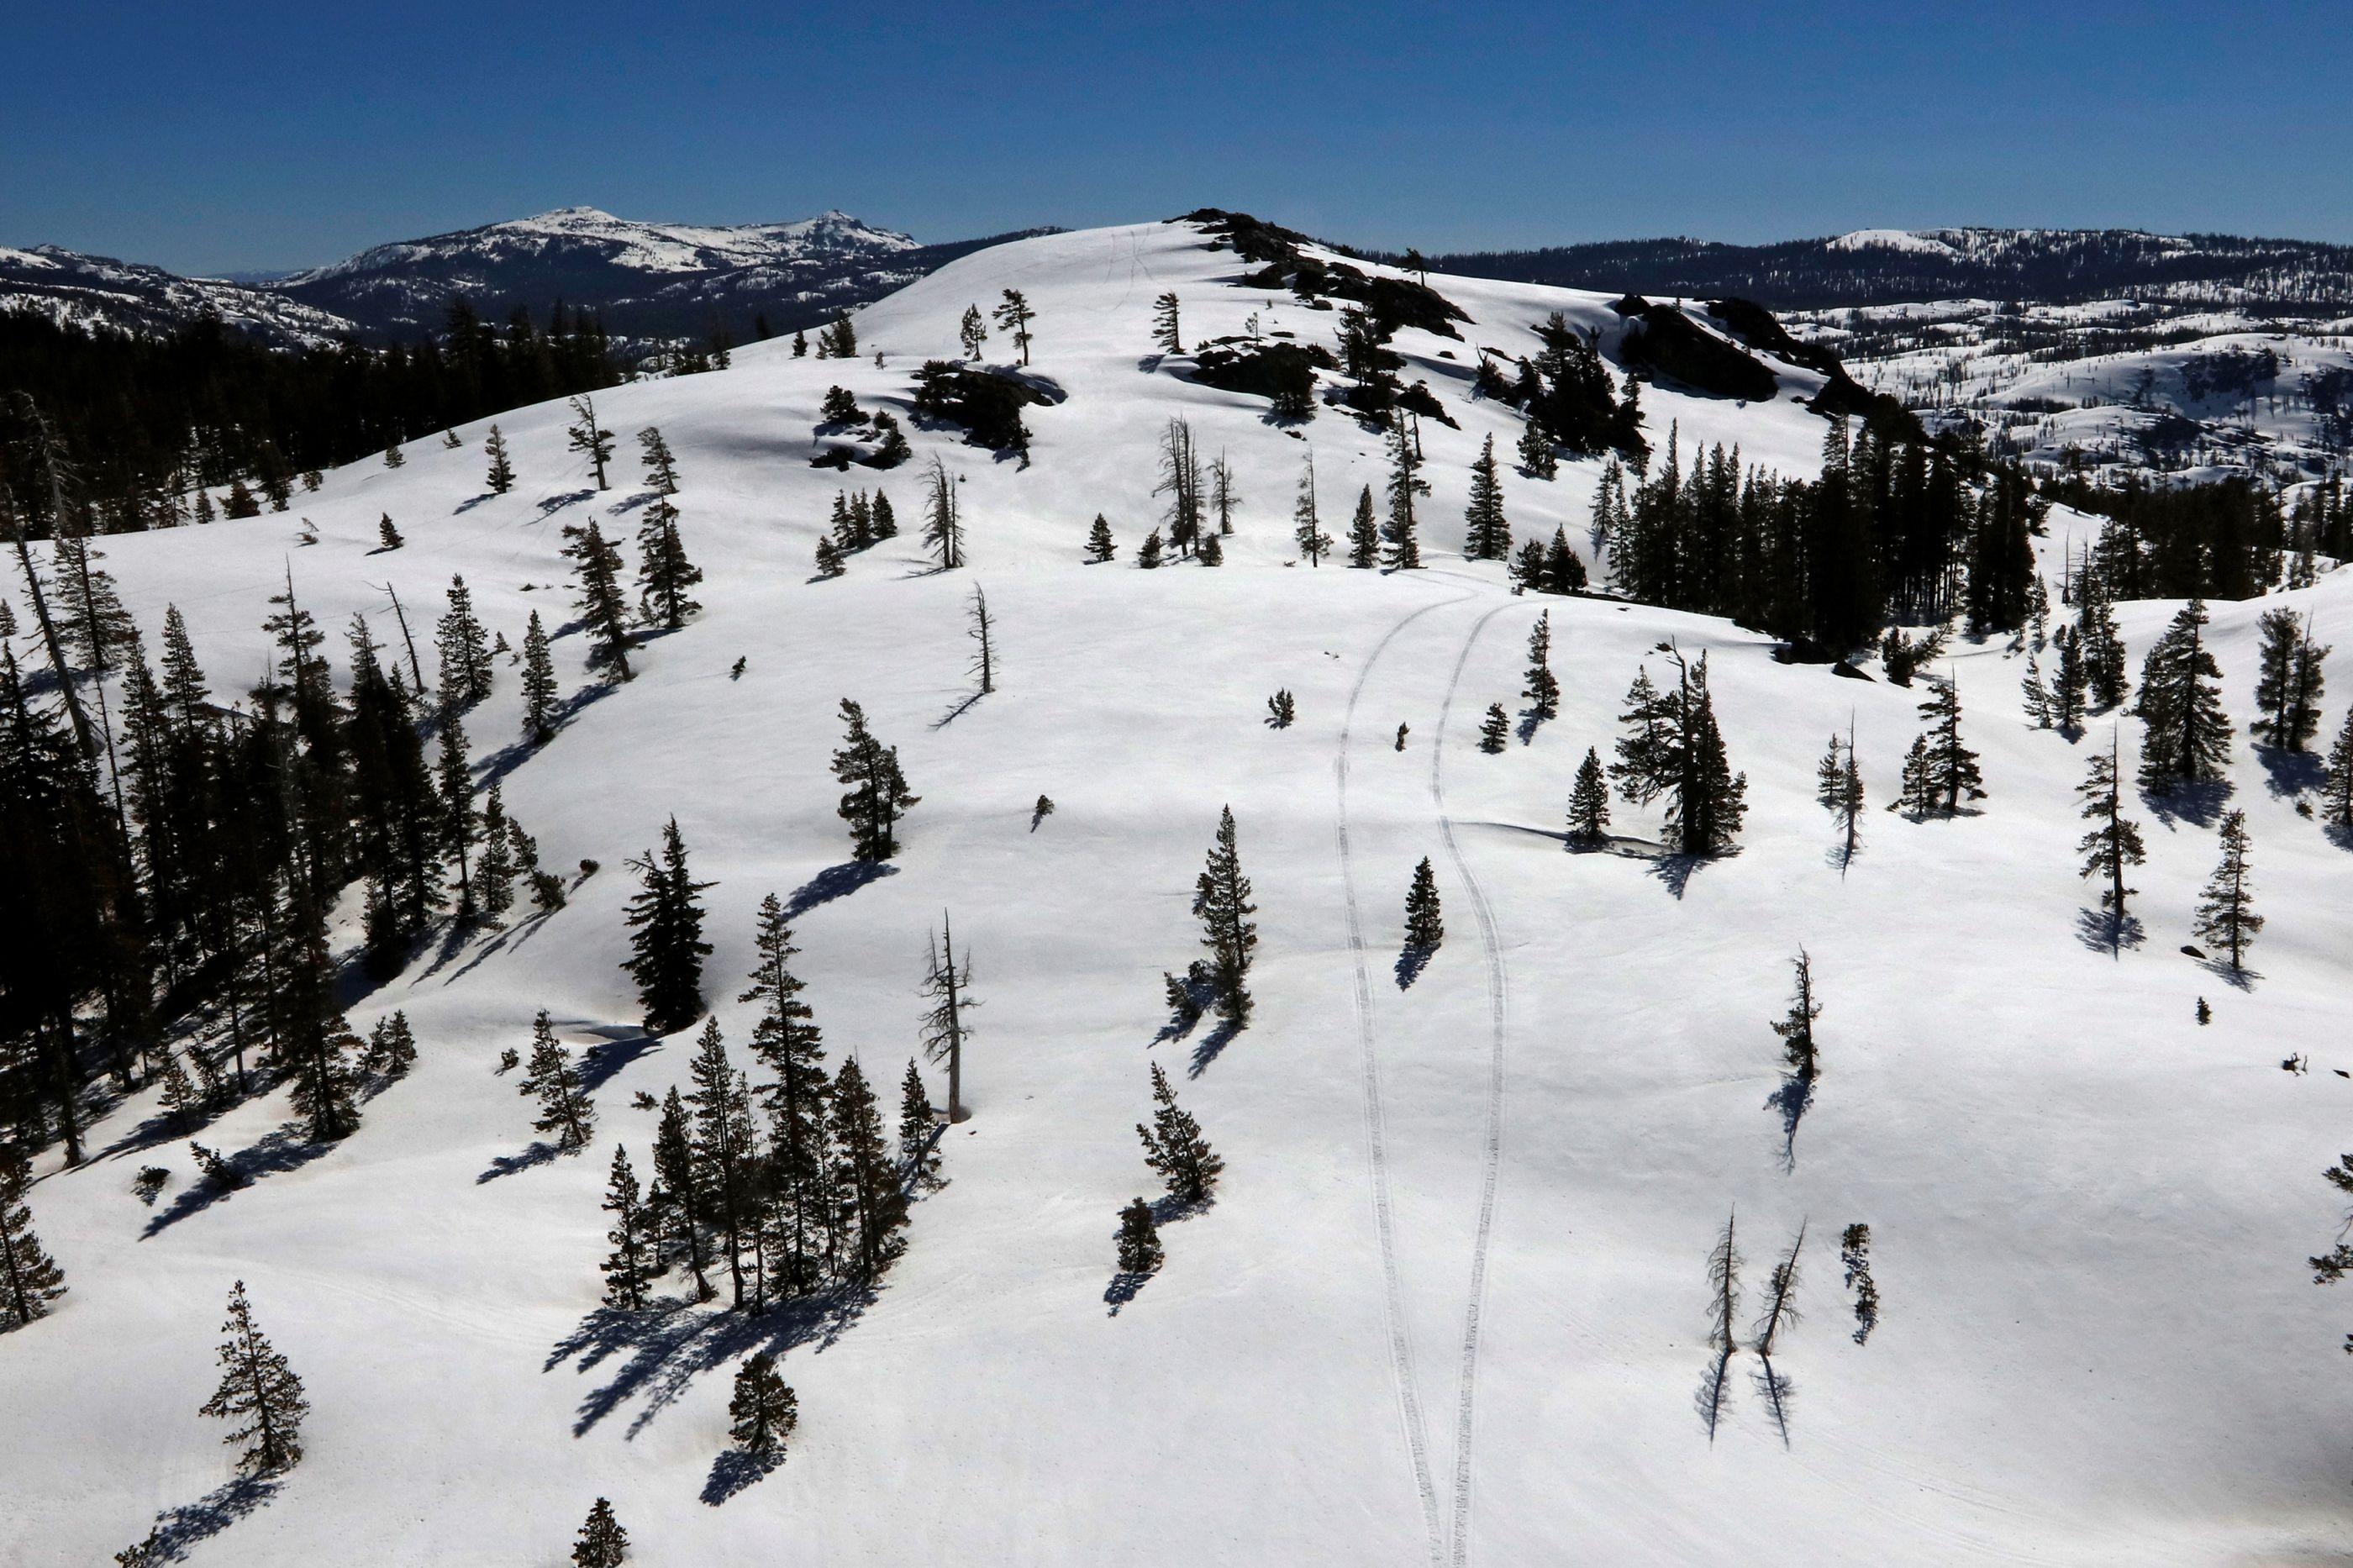 Alpinista morre na Serra Nevada após cair de uma altura de 200 metros